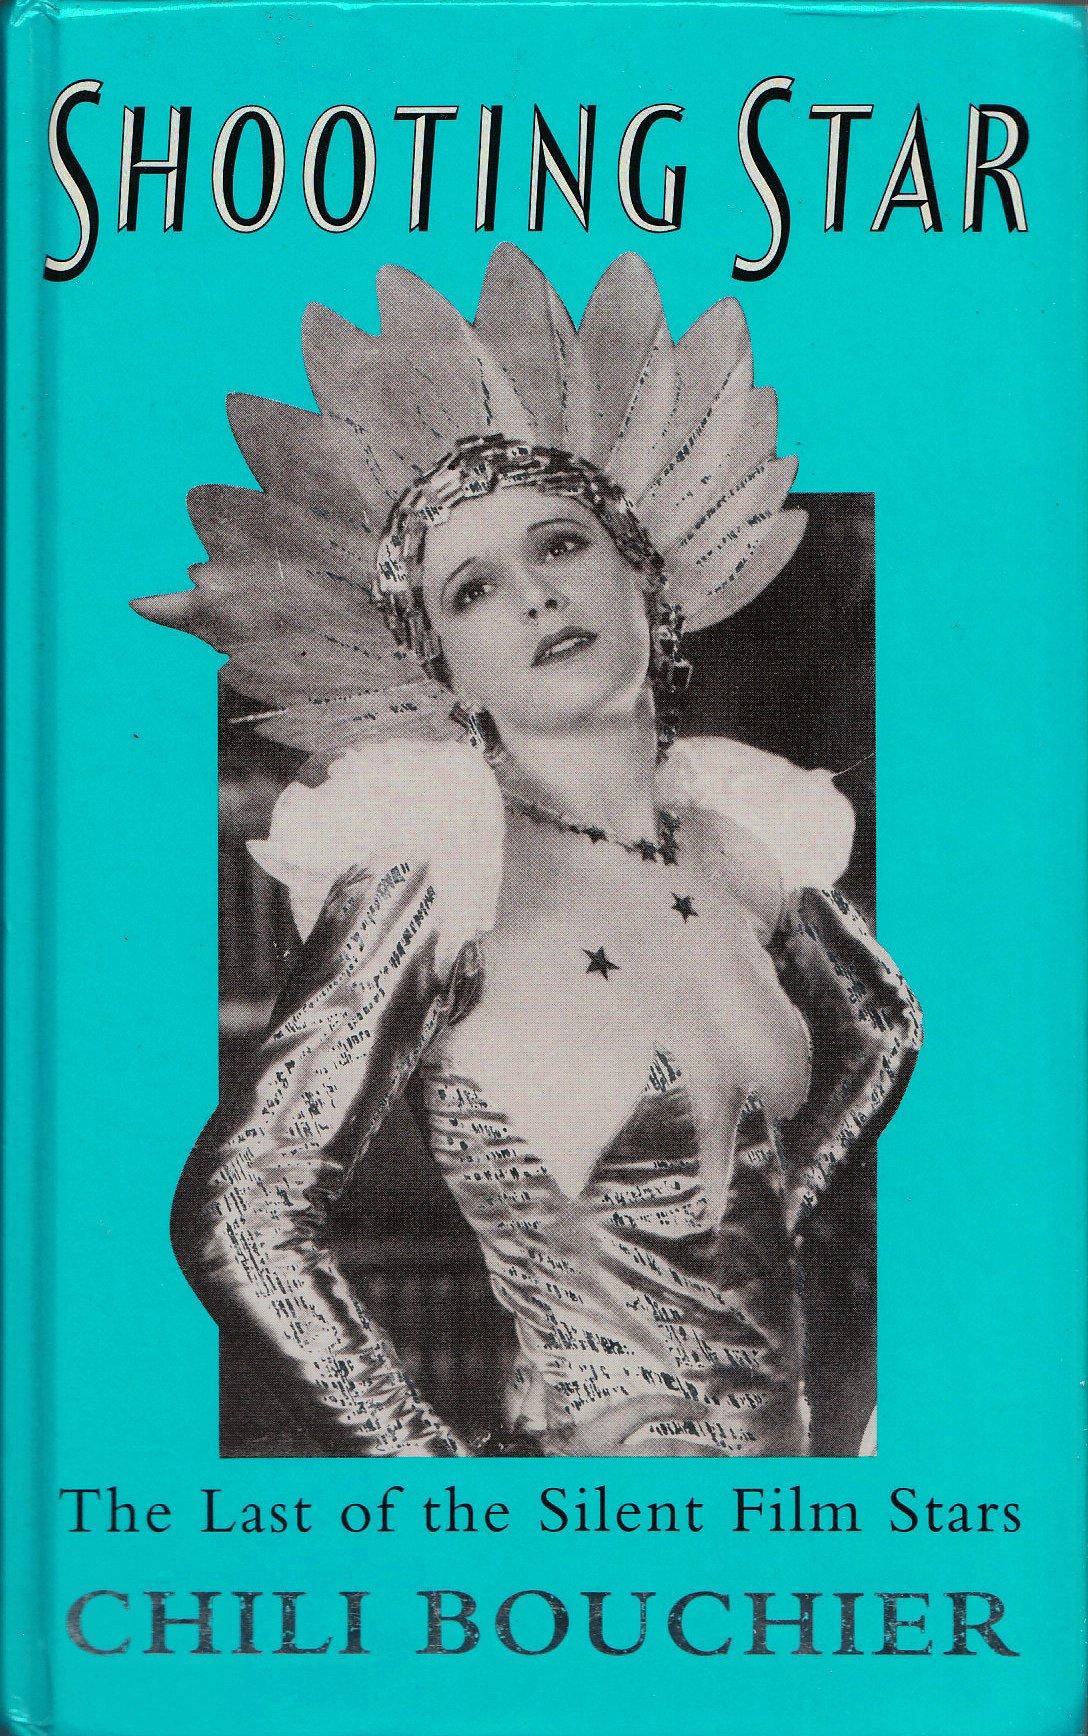 Sasha Pivovarova XXX fotos Eric Christmas (1916?000),Carrie Snodgress